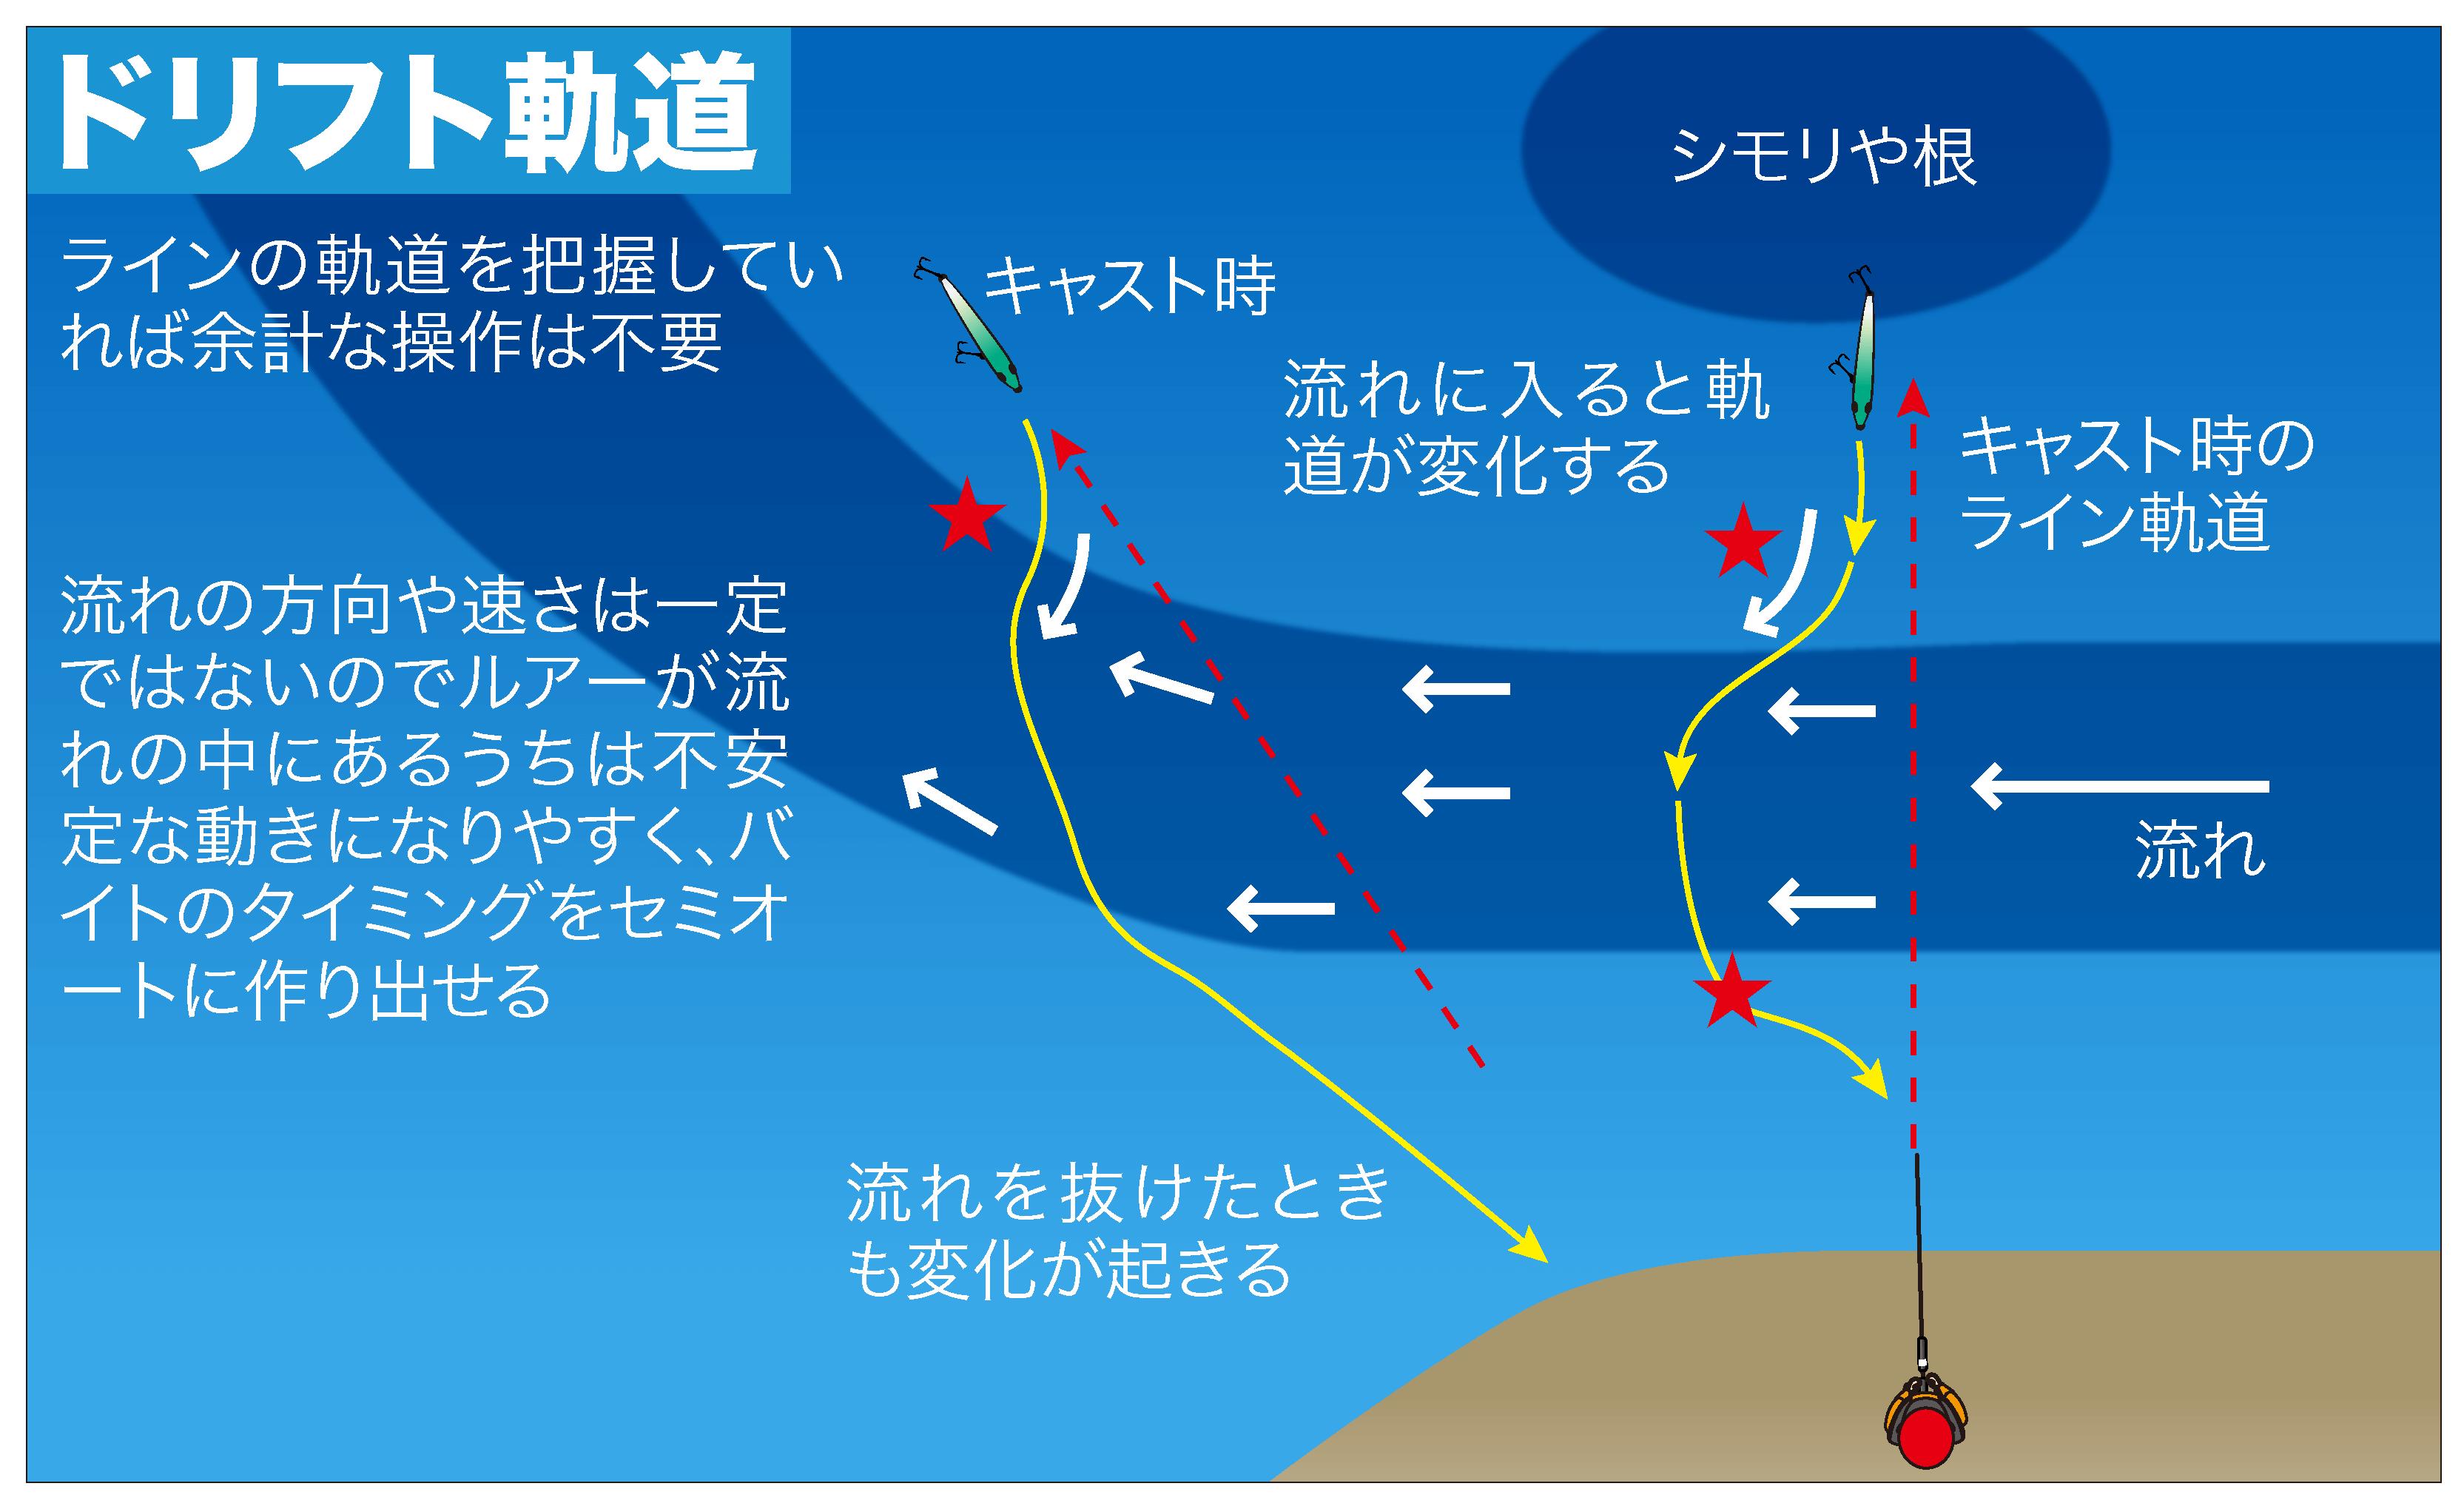 ショア青物ゲーム ミノー4